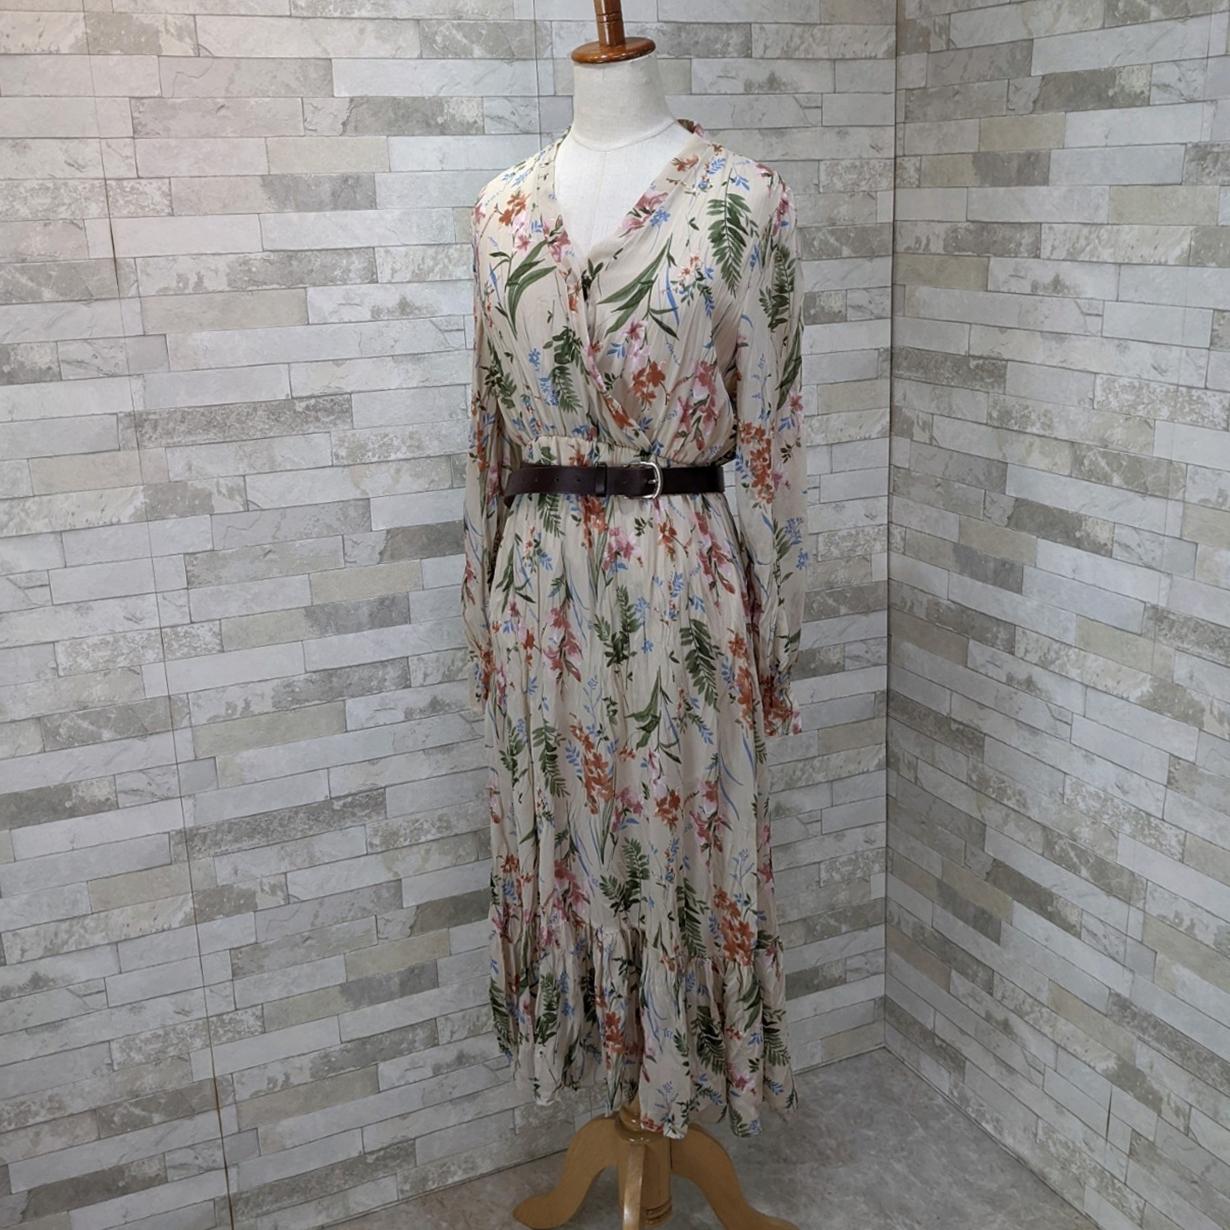 韓国 ファッション ワンピース 夏 春 カジュアル PTXH422  シアー シフォン風 エレガント 着回し オルチャン シンプル 定番 セレカジの写真9枚目